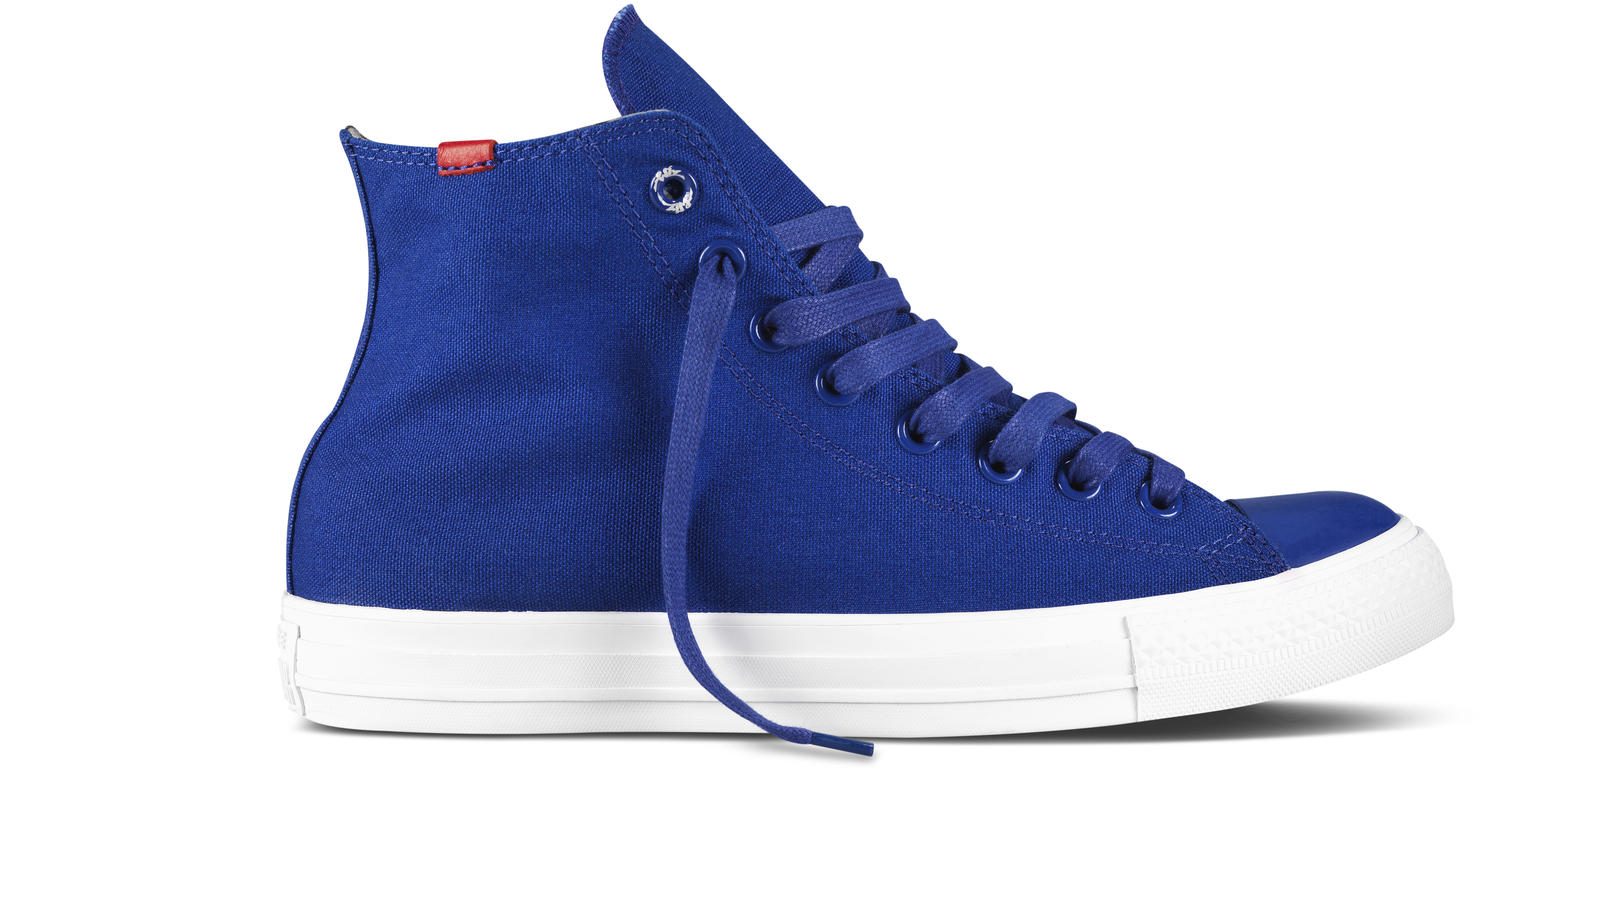 Wiz Khalifa x Converse Collection Le Site de la Sneaker